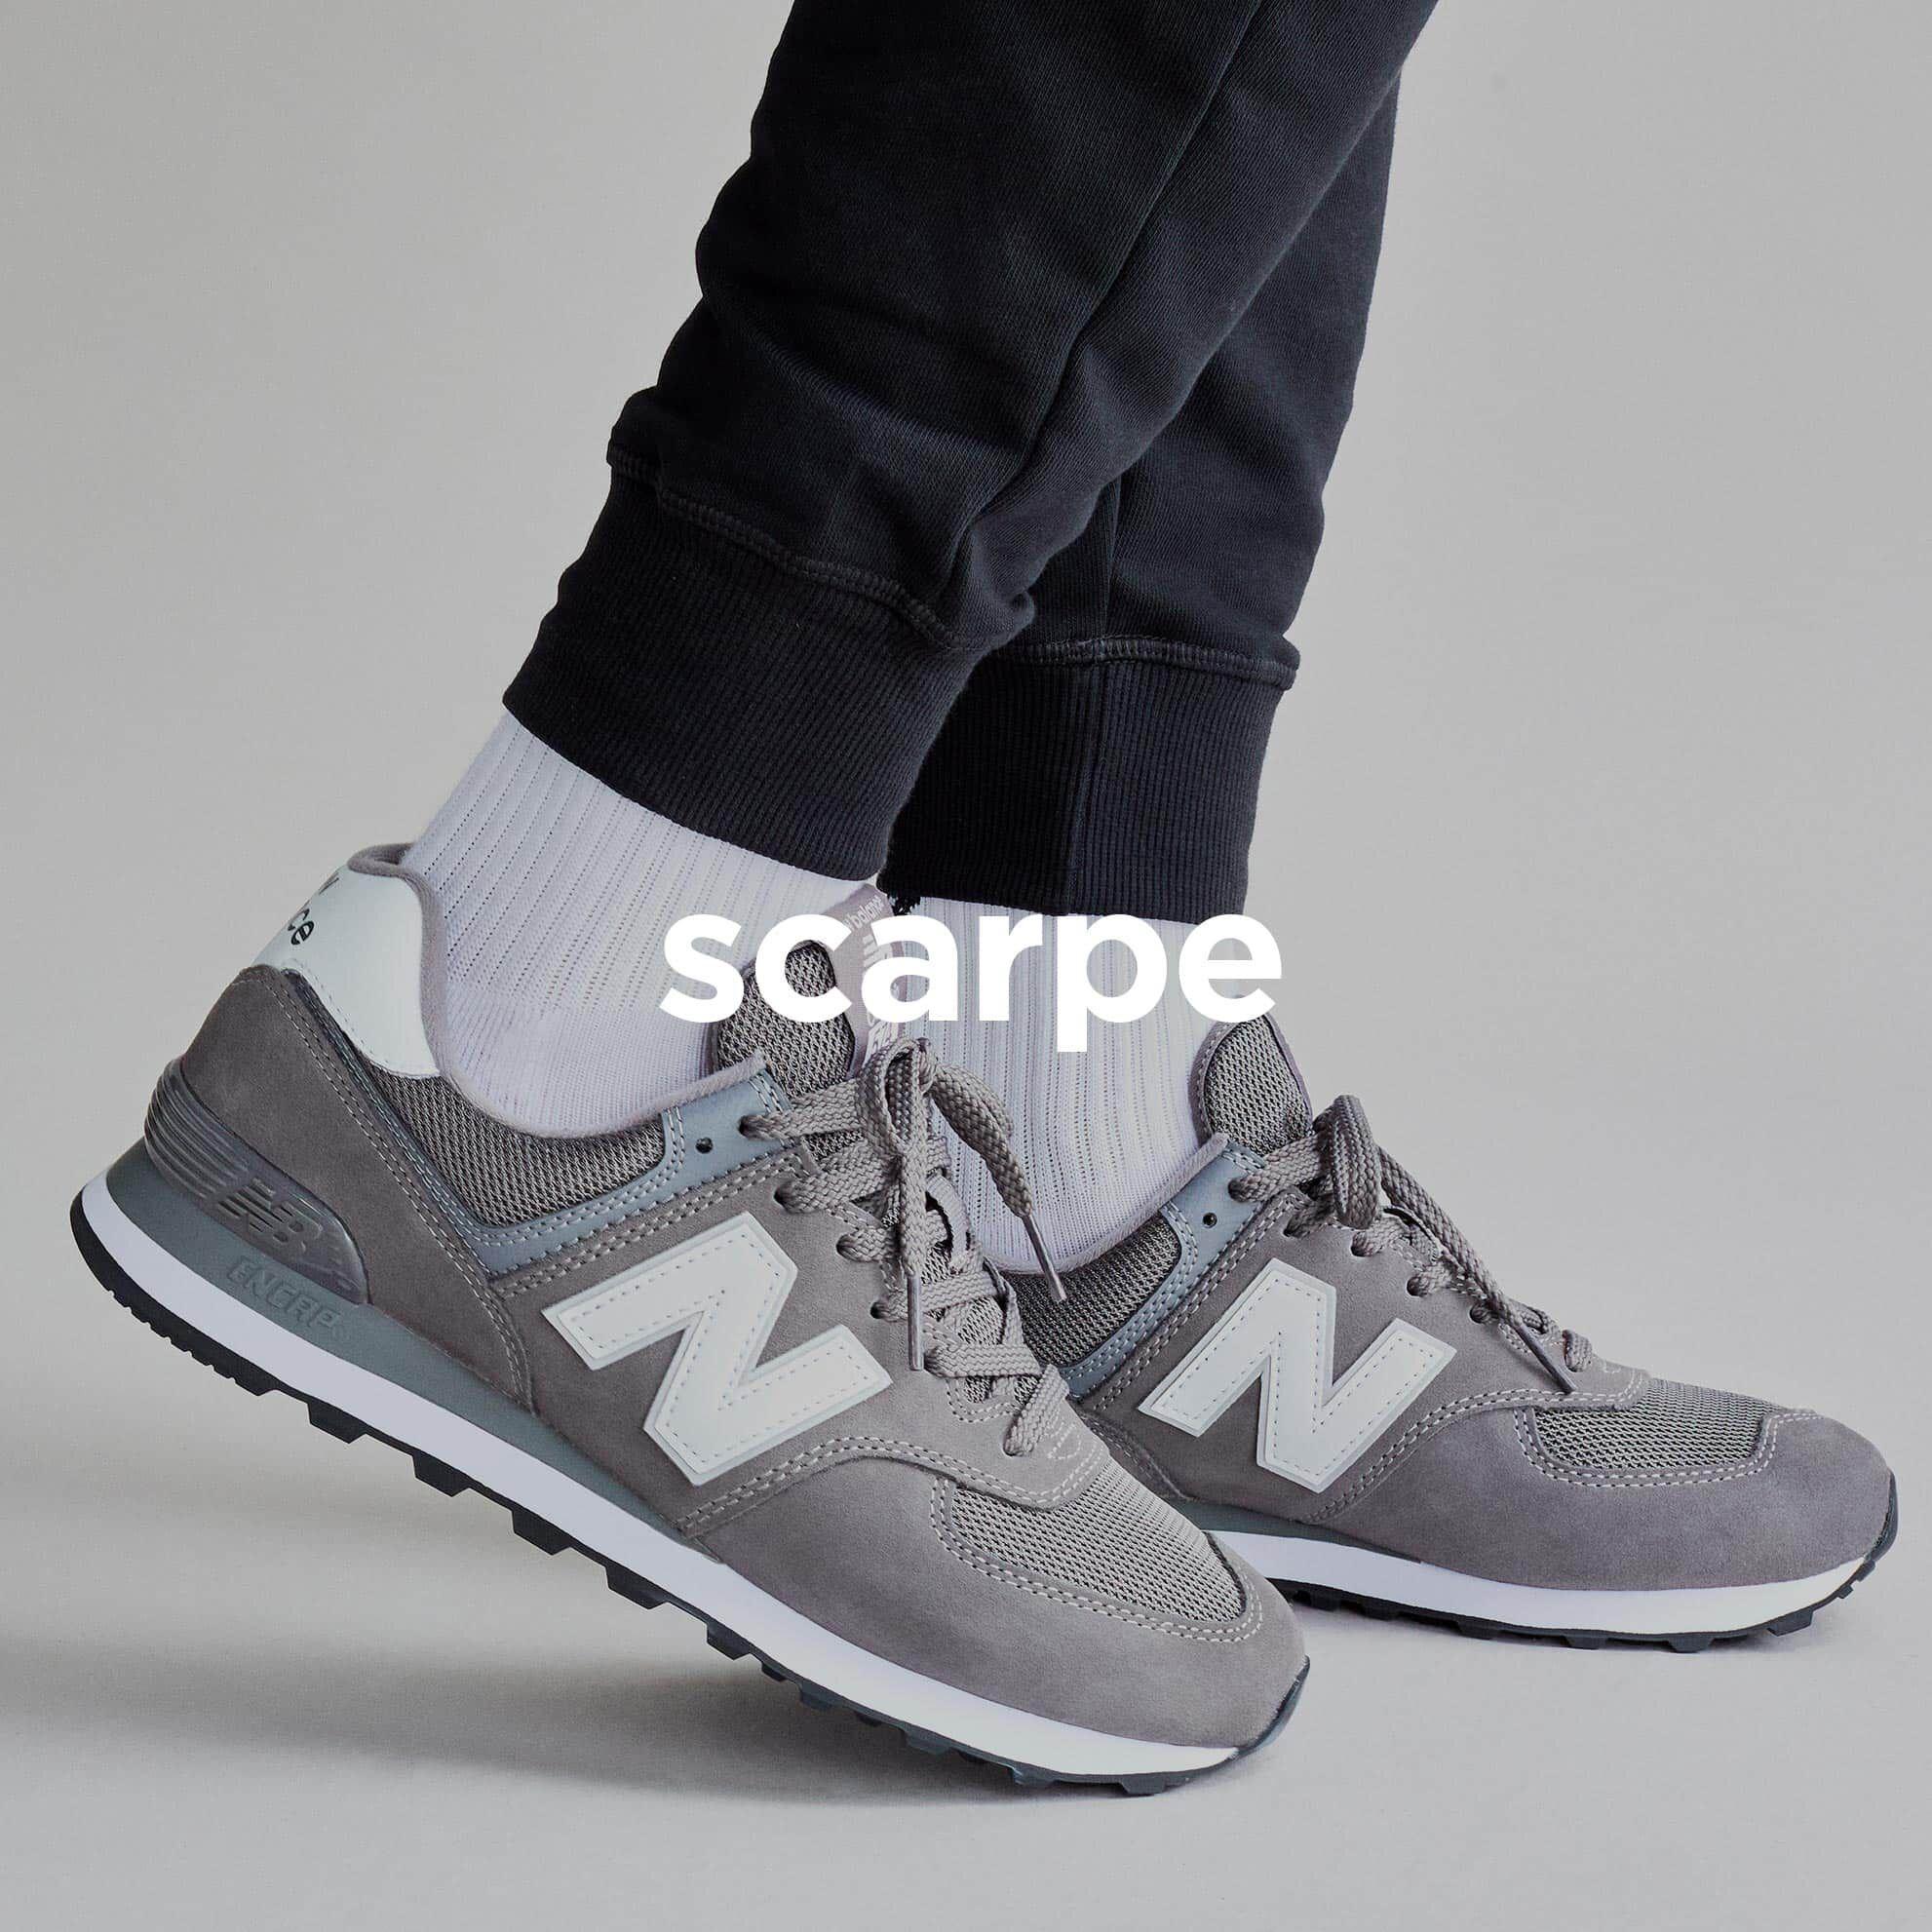 Scarpe e Abbigliamento Uomo - New Balance